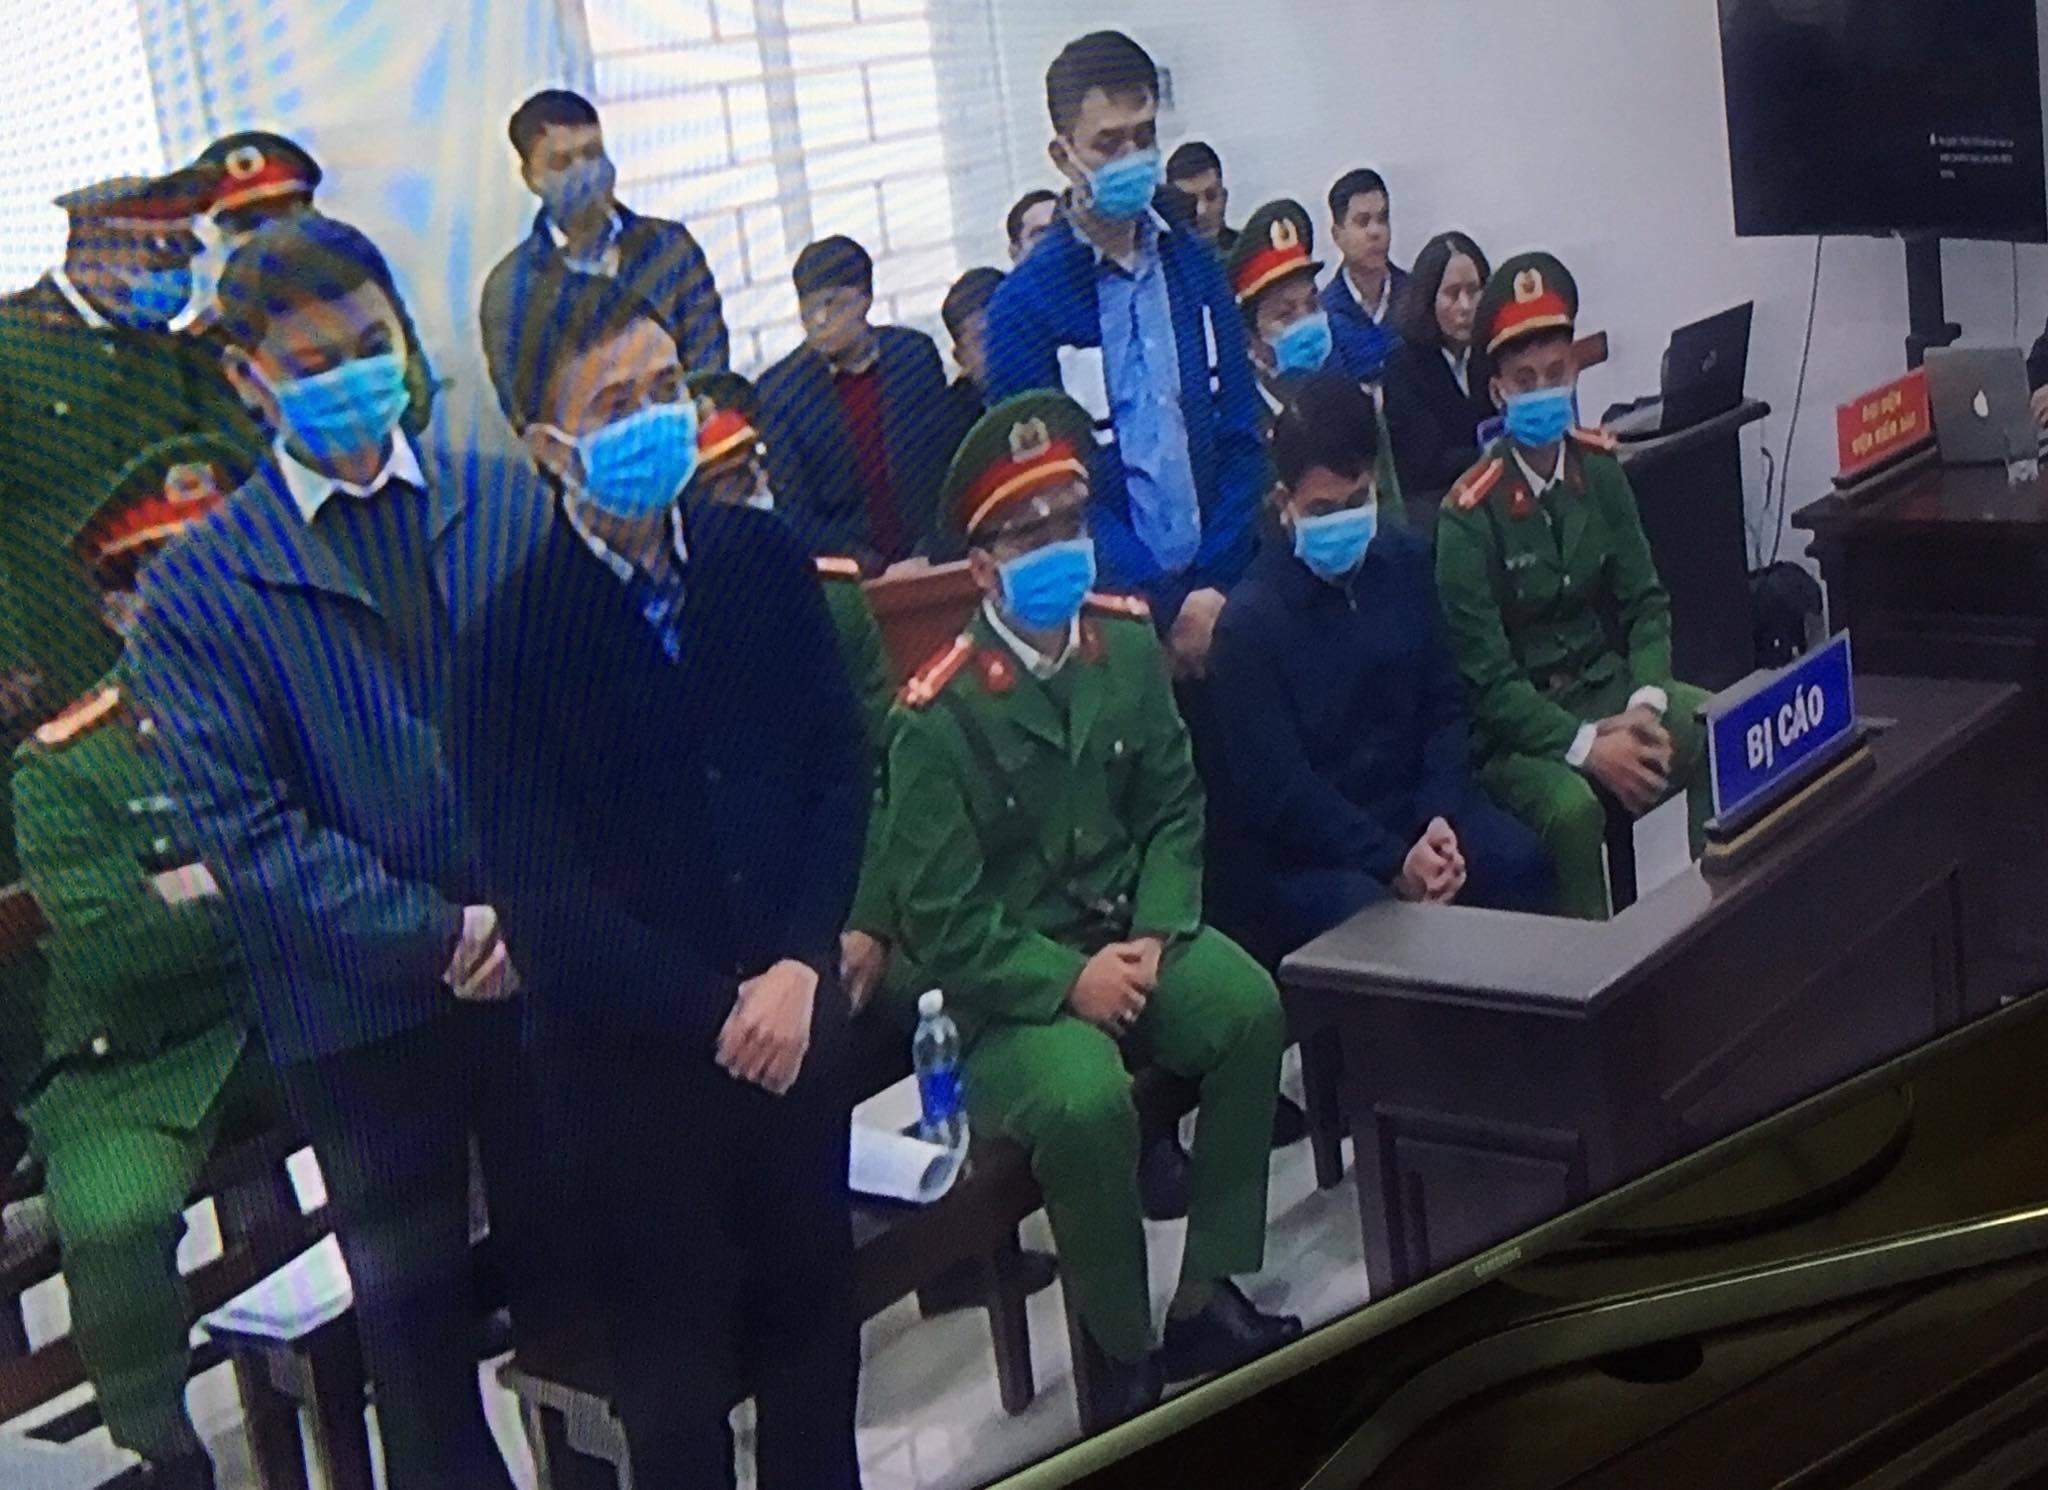 Thẩm phán Trương Việt Toàn nói gì về việc bắt tay bị cáo Nguyễn Đức Chung? - Ảnh 2